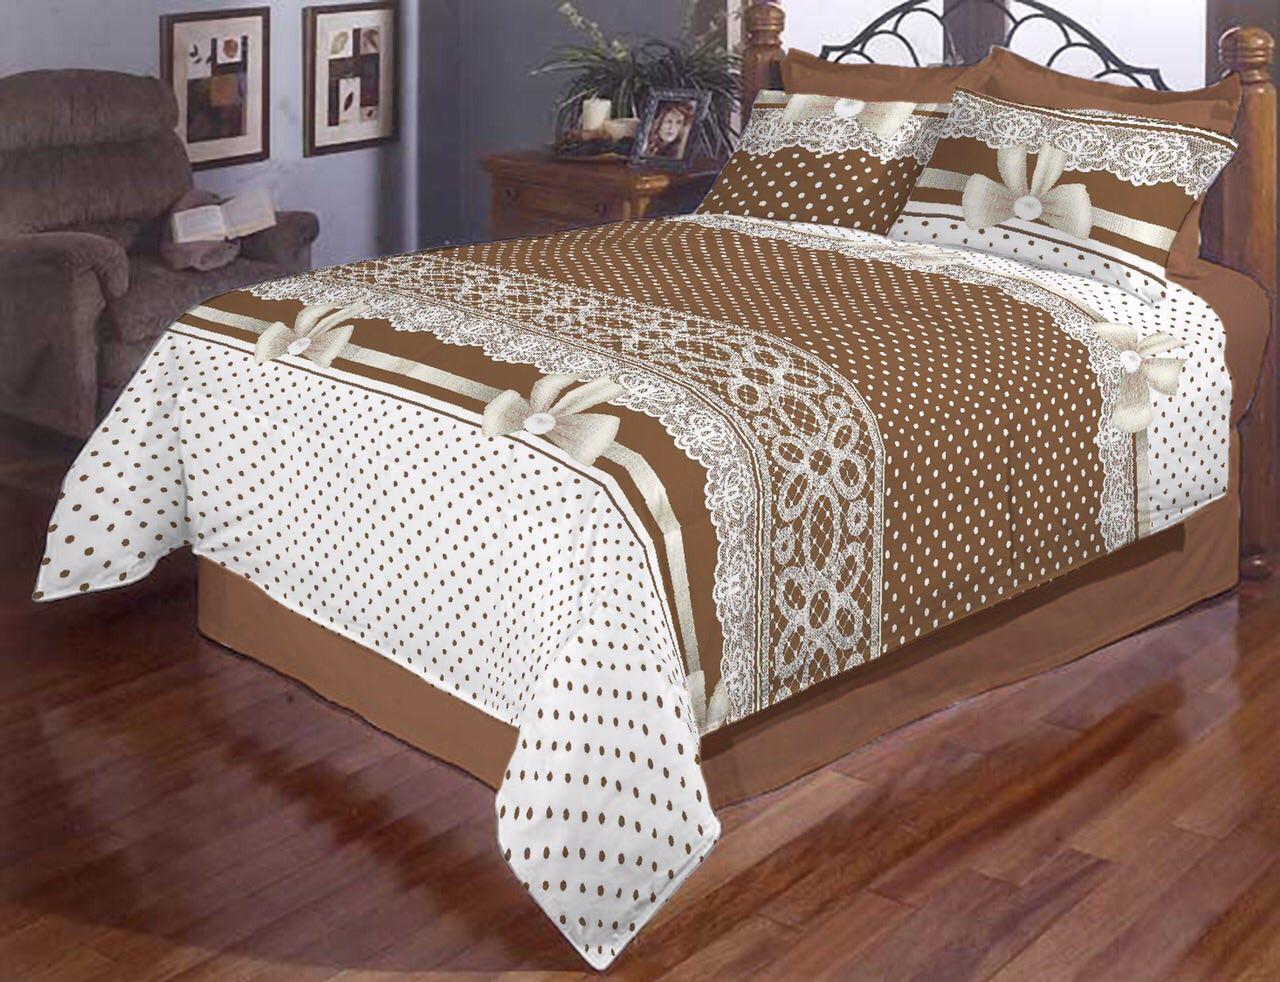 Півтораспальний постільний комплект - Бантик горошок